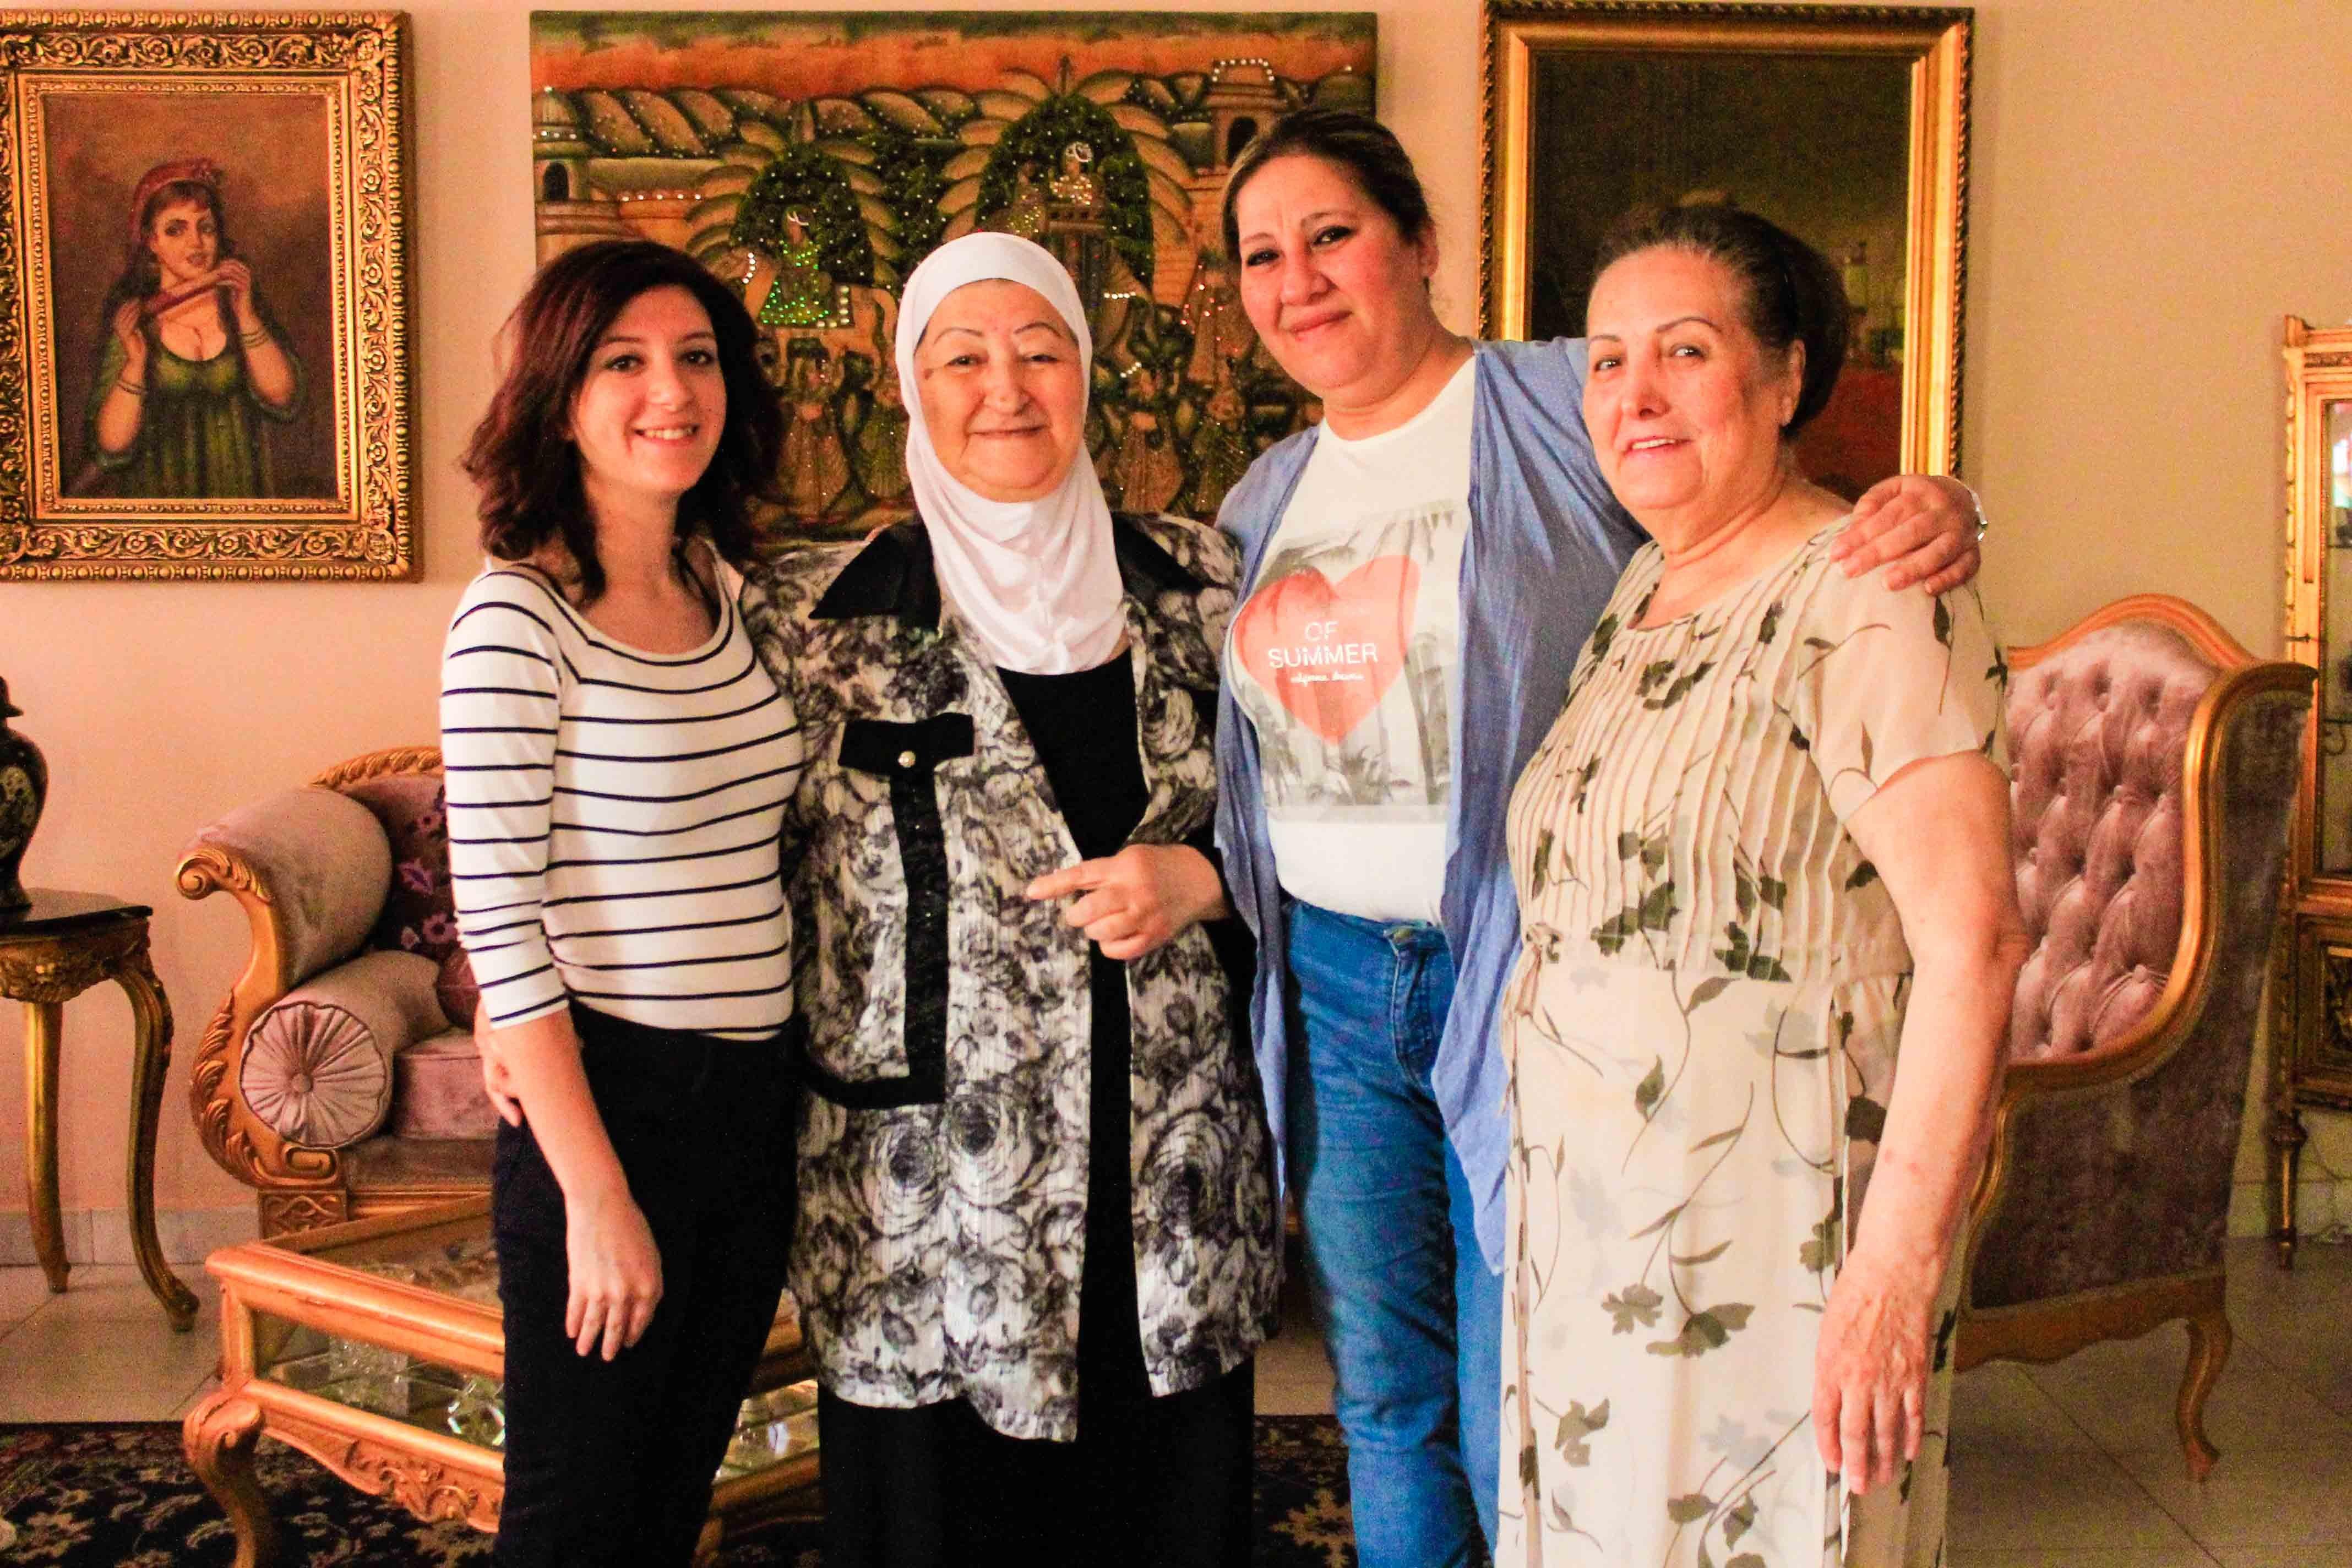 محمد صبحي يرد على منتقدي زيارته سورية: منحطون أخلاقياً